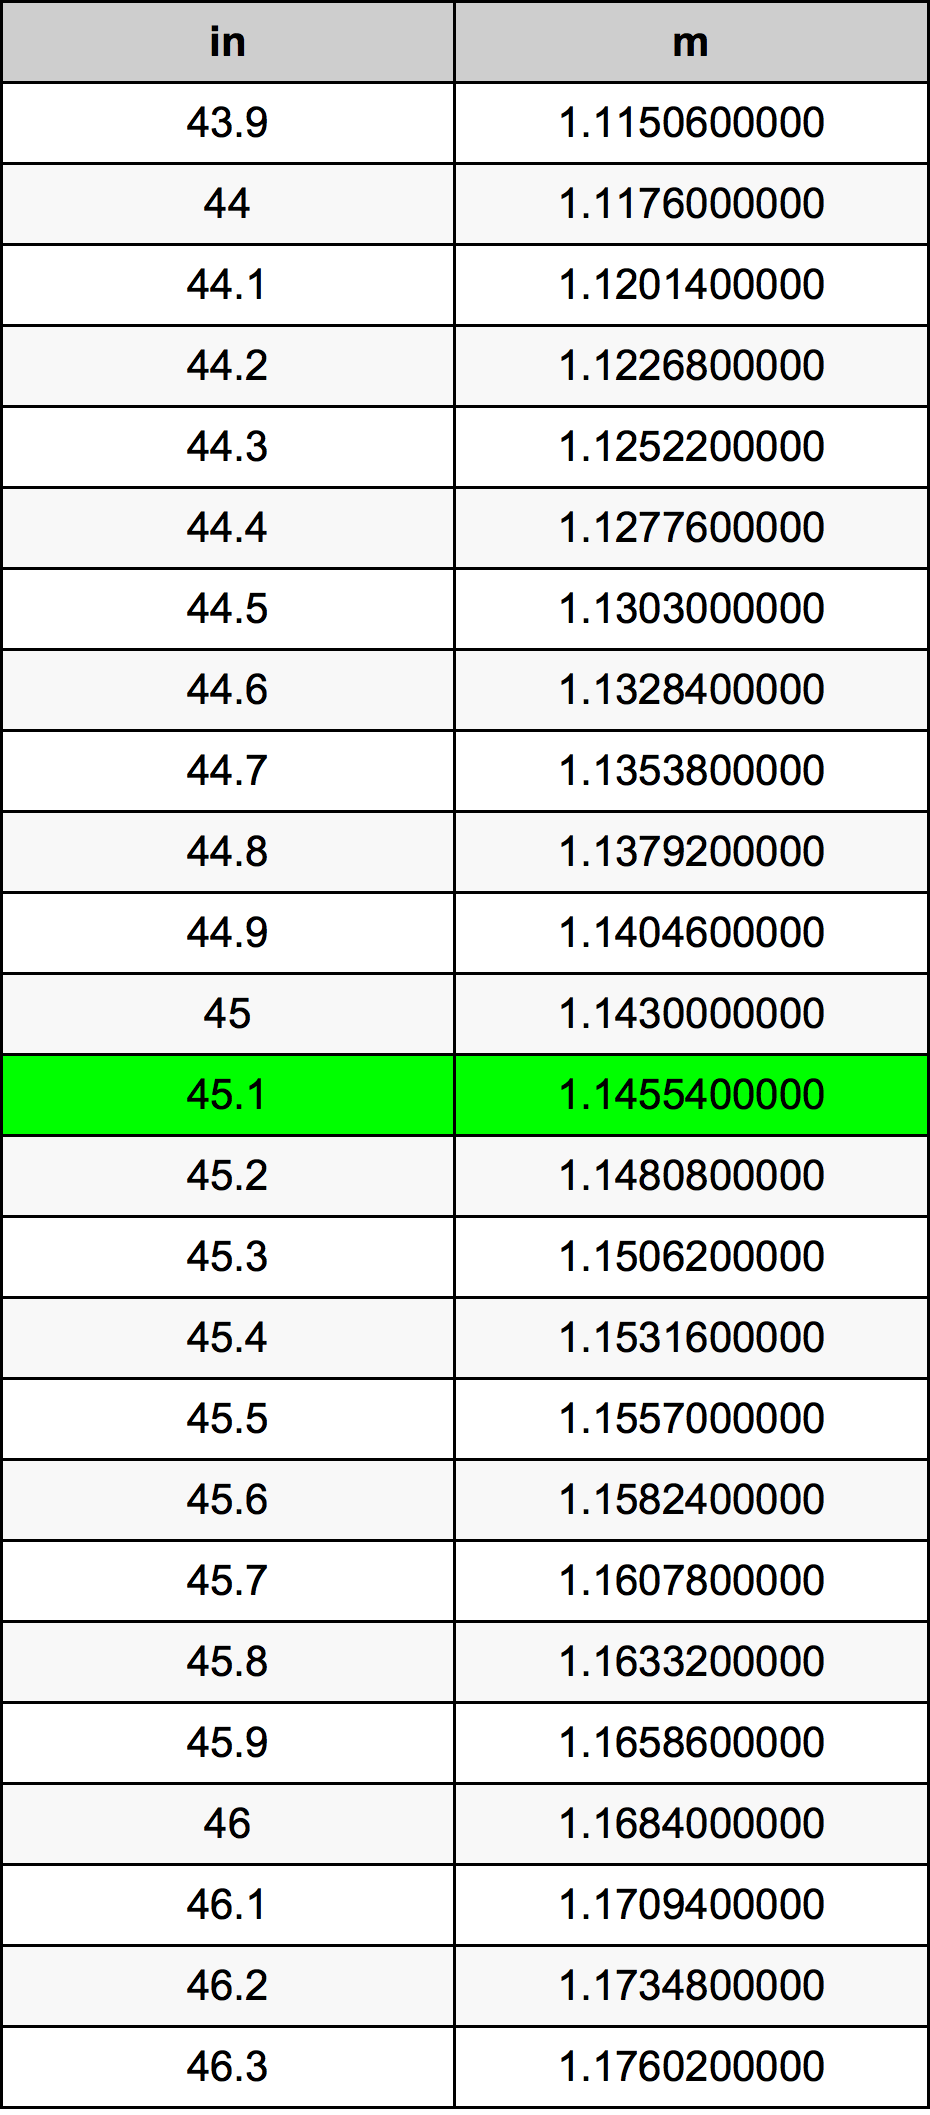 45.1 Palec prevodná tabuľka